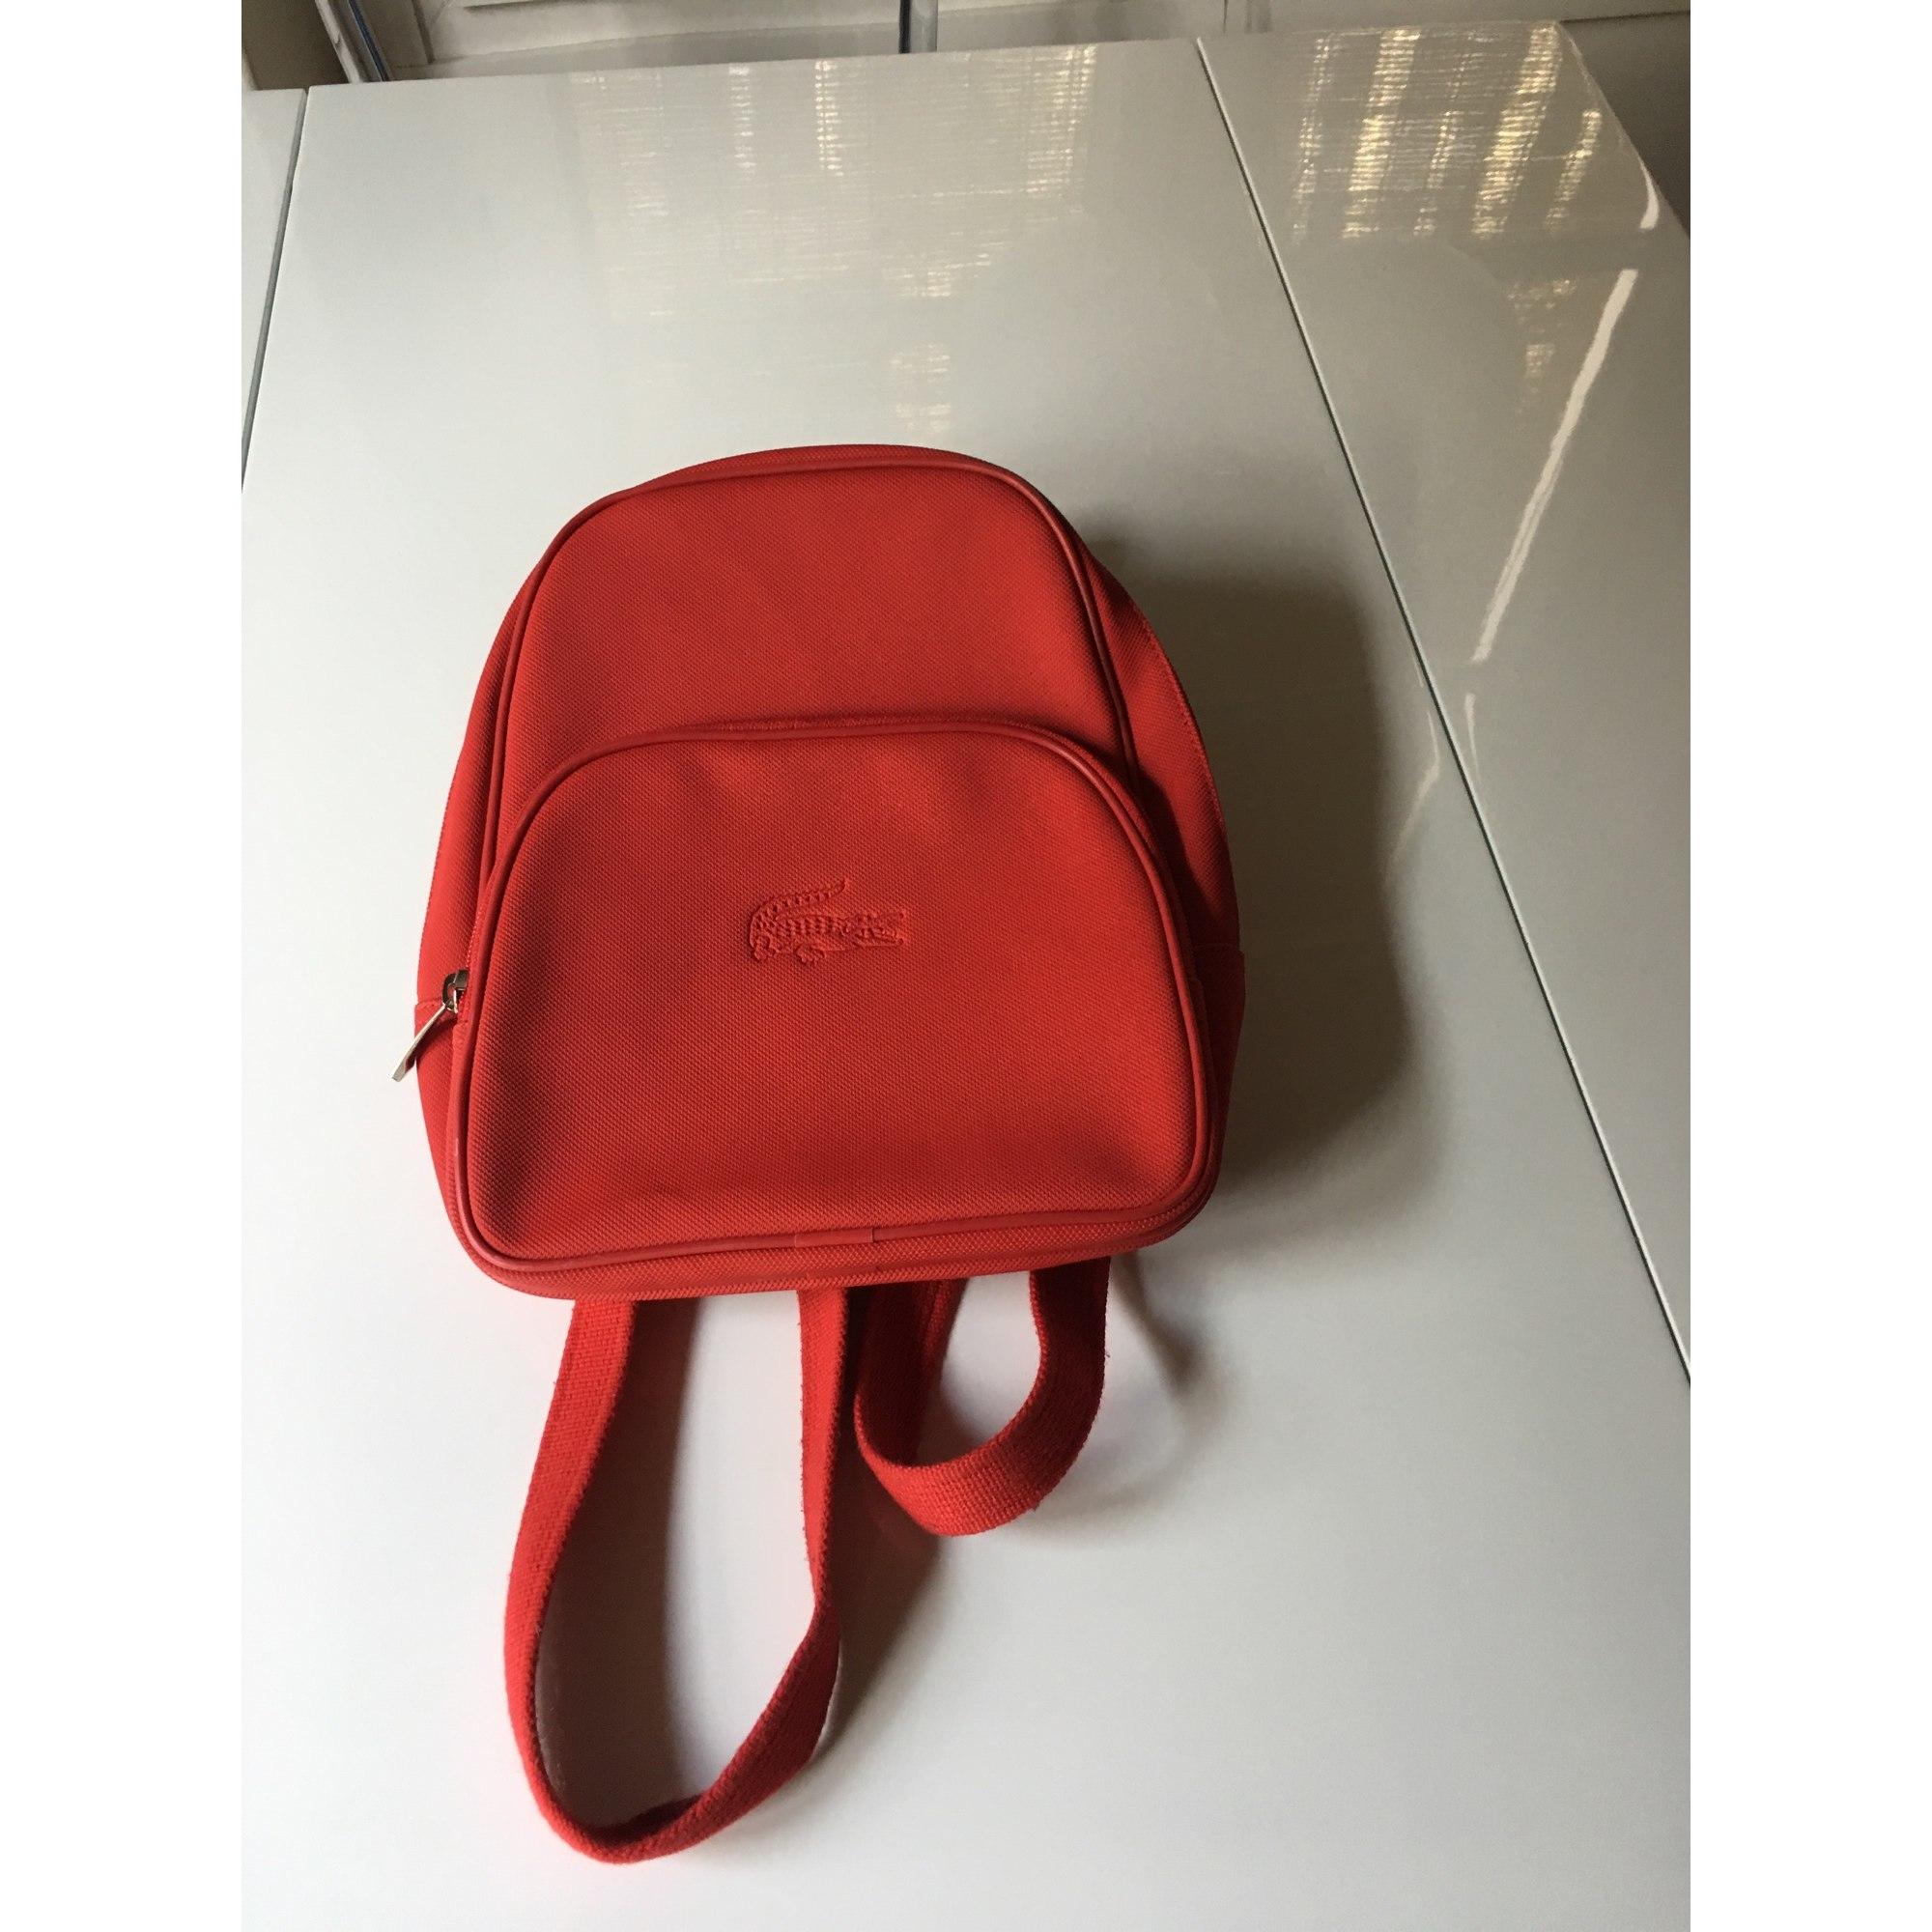 48c5833c03 Sac à dos LACOSTE rouge vendu par Nymo - 5865995